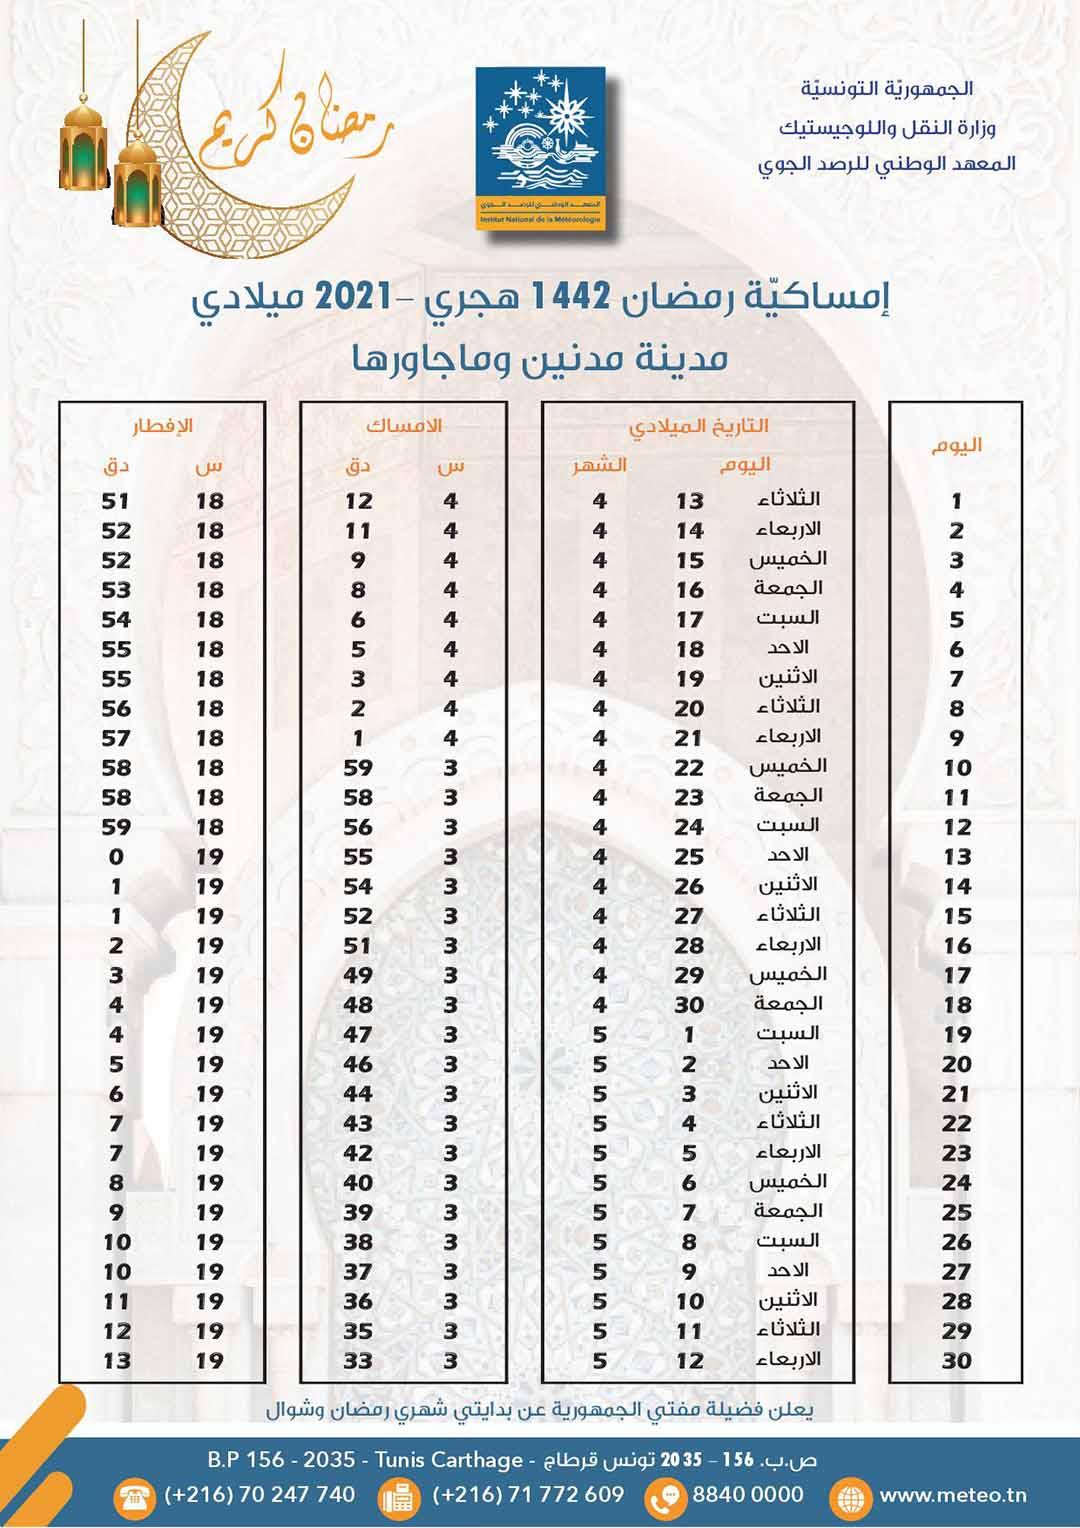 مواعيد الافطار و السحور في ولاية مدنين رمضان 2021 1 - هام: مواعيد الافطار والامساك لشهر رمضان حسب الولايات..